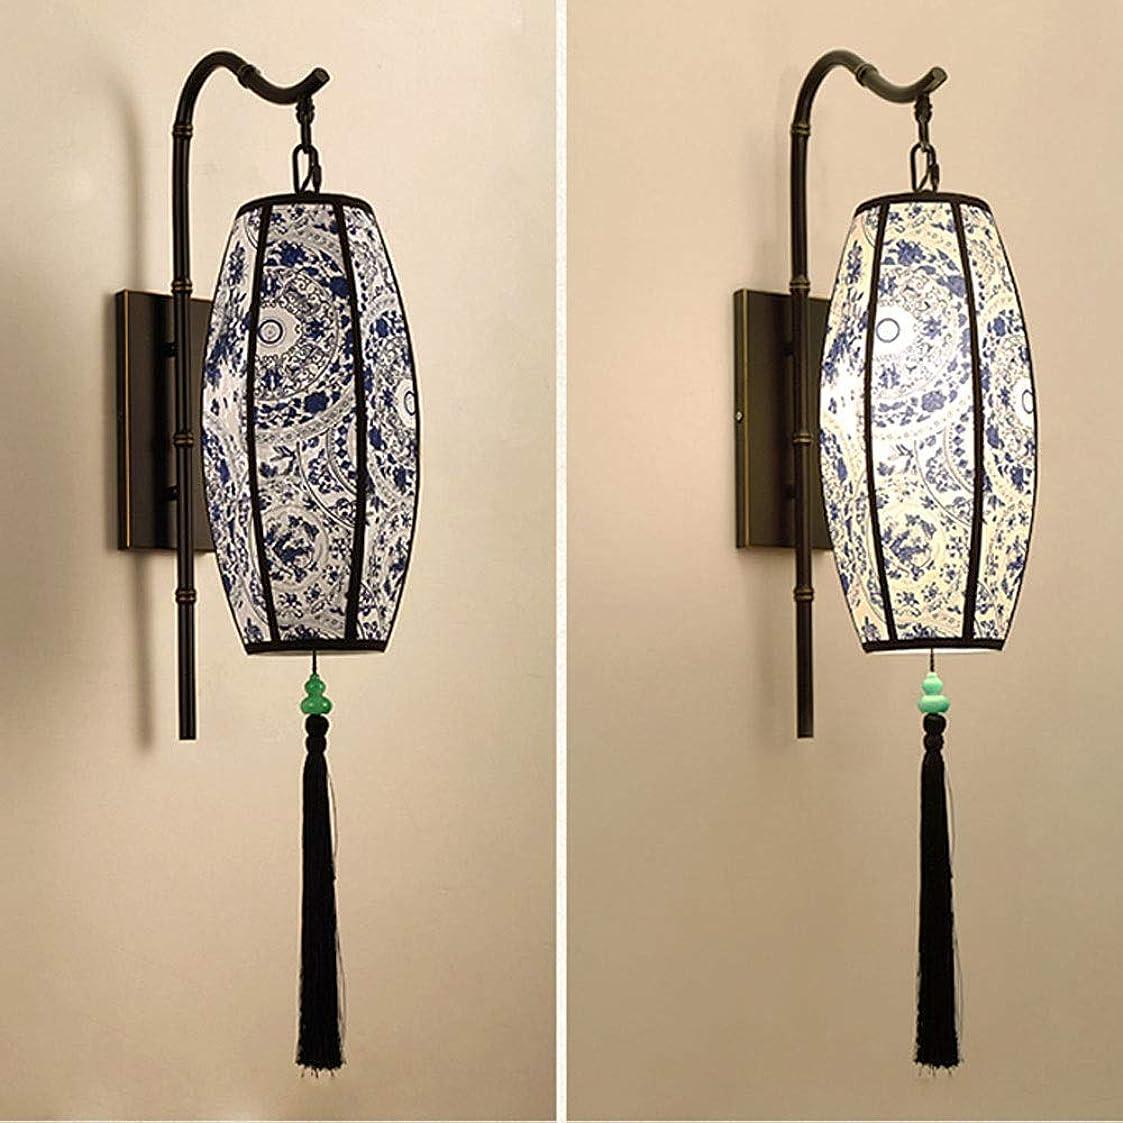 前件職人多様体新中国の壁ランプ、清華磁器の中国風のクリエイティブLEDヘッドウォールランプベッドルーム、バスルーム、ダイニングルーム、リビングルーム、廊下、廊下、階段用 (Color : B)